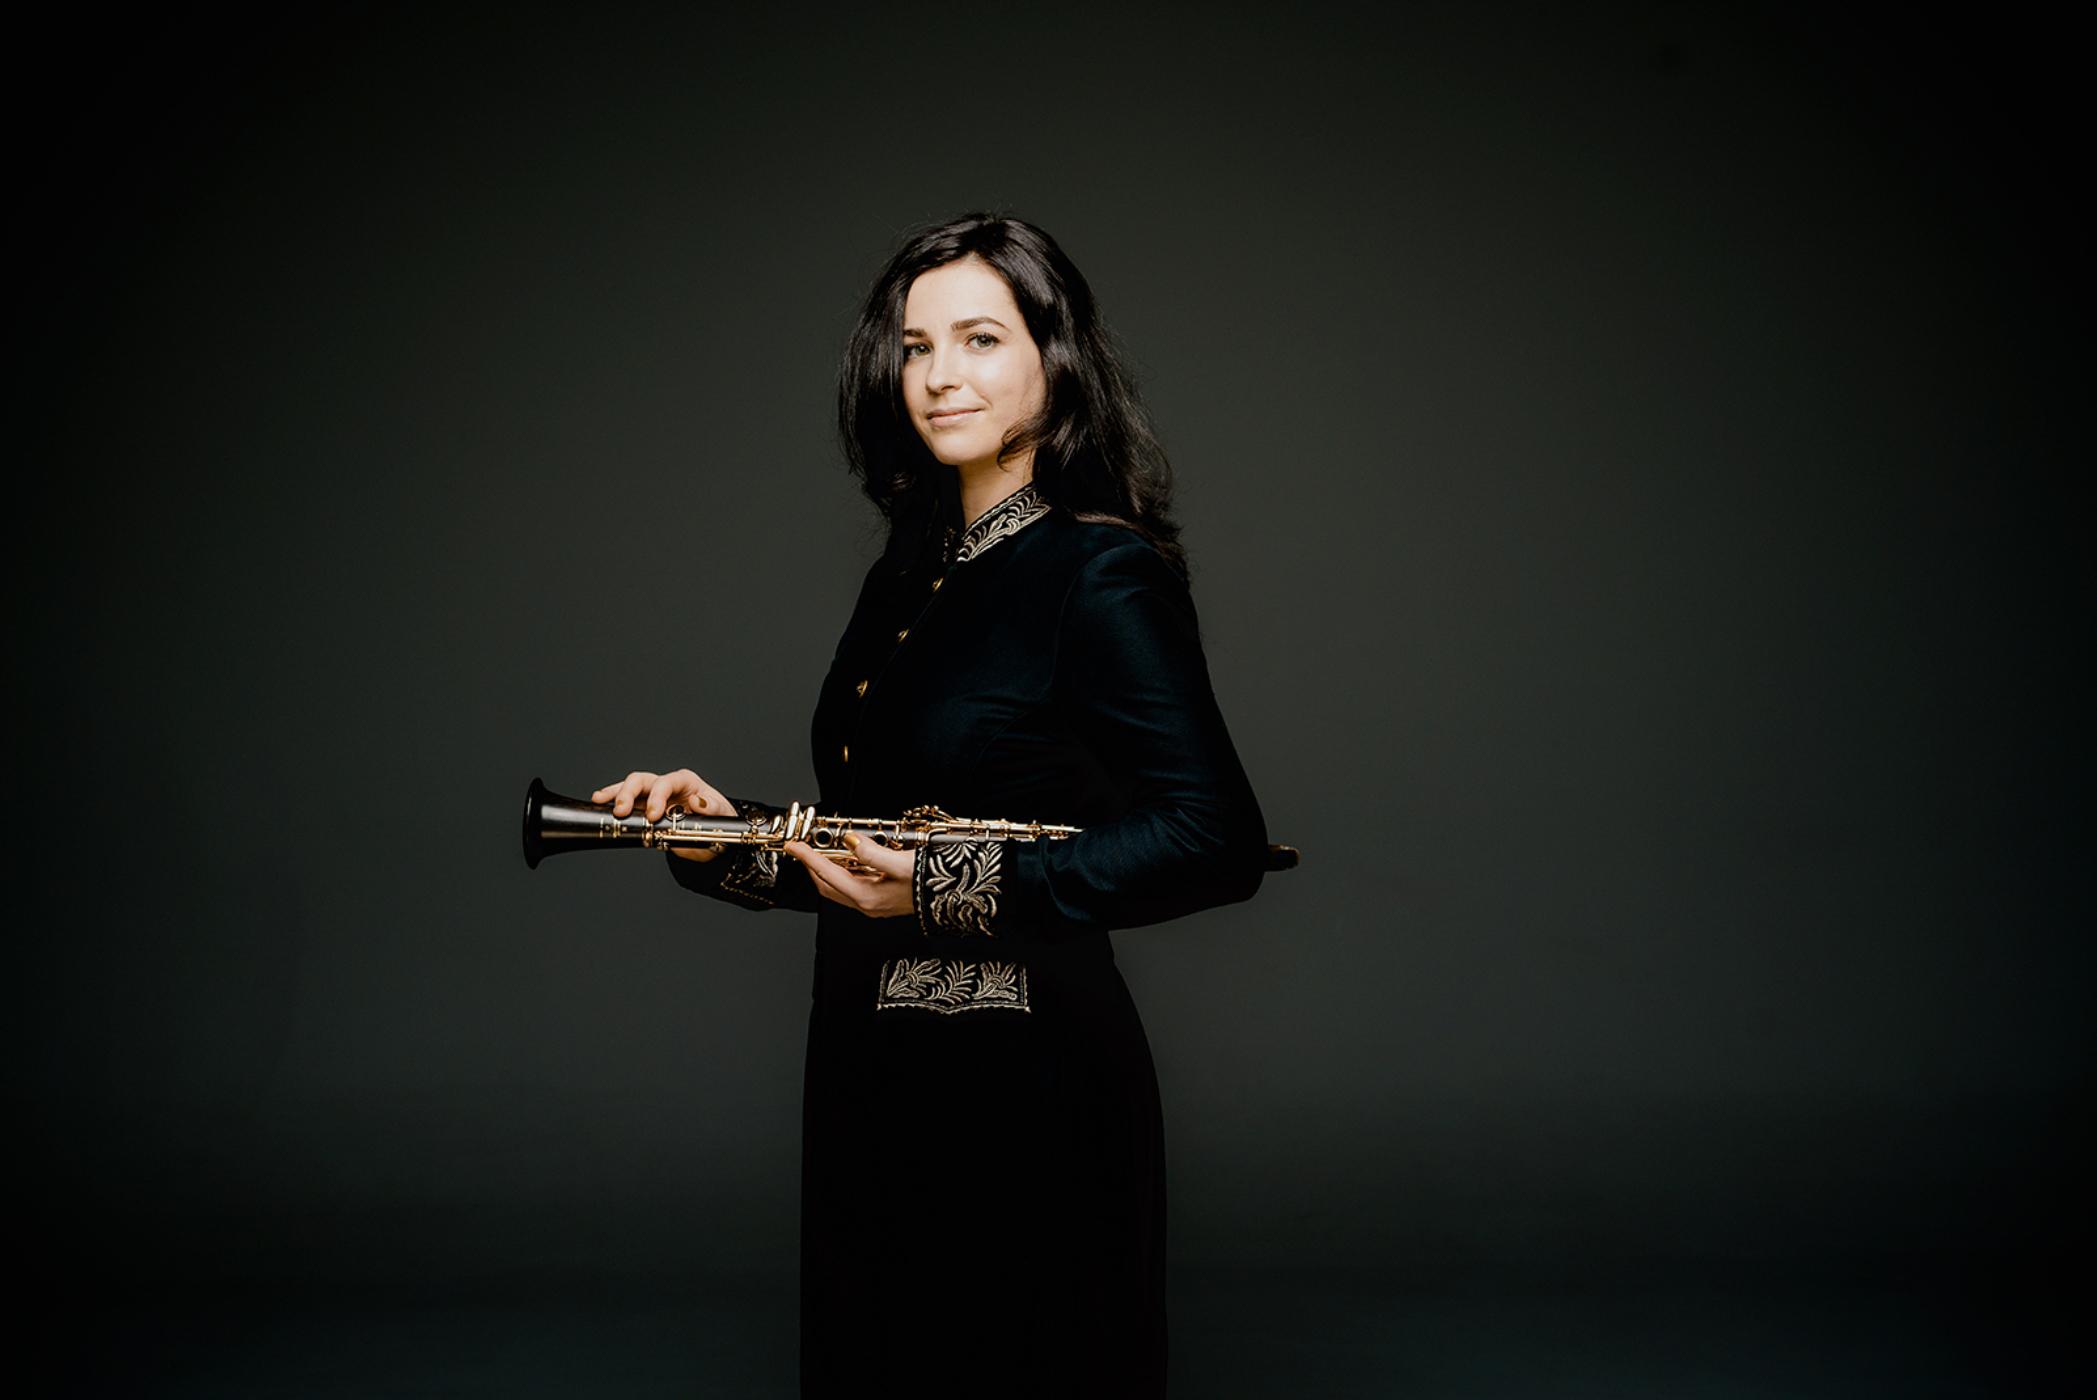 Annelien Van Wauwe Clarinet - Photo: Marco Borggreve